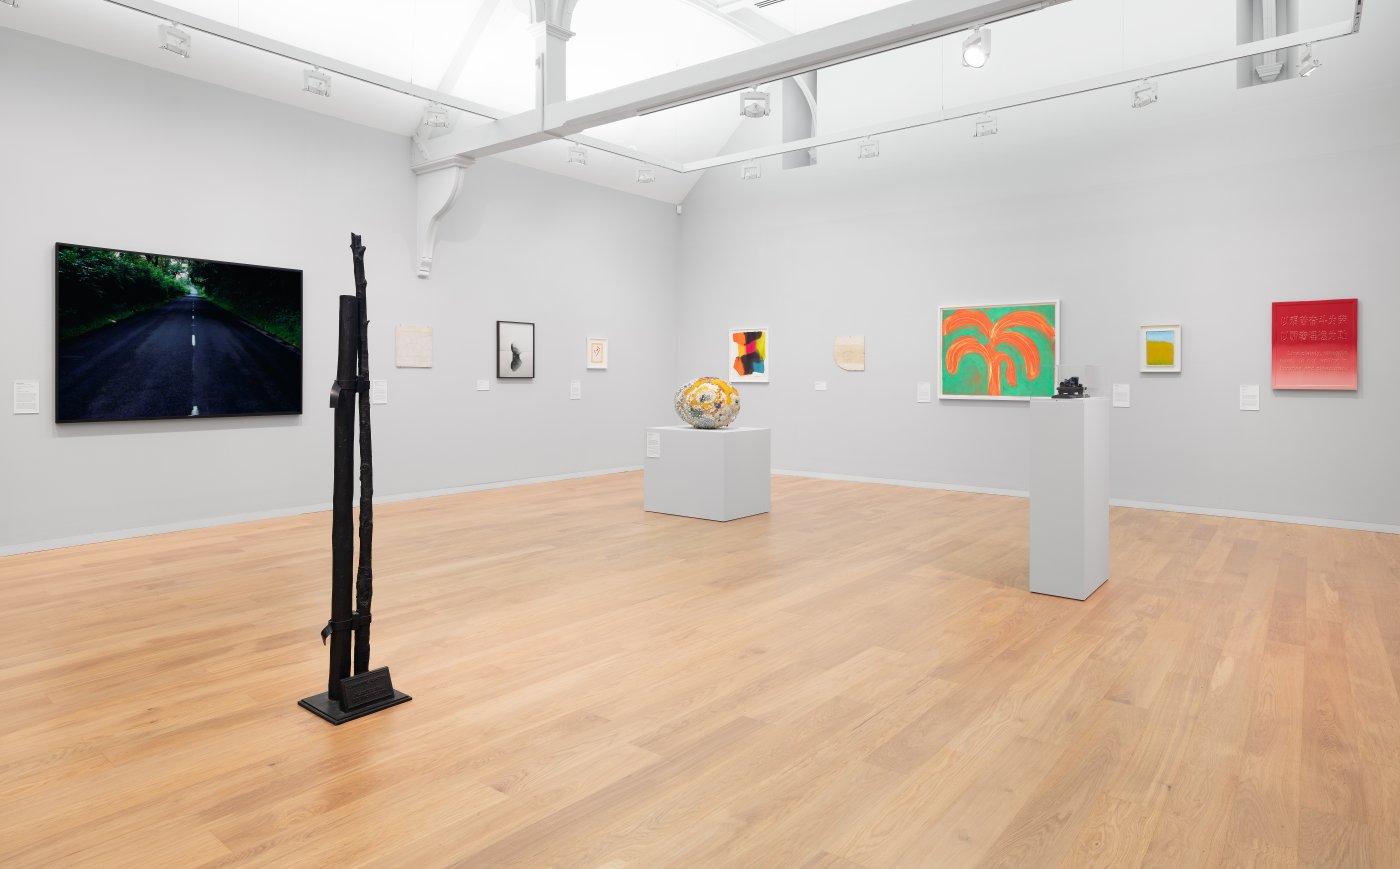 Whitechapel Gallery Gary Hume Hiscox 2